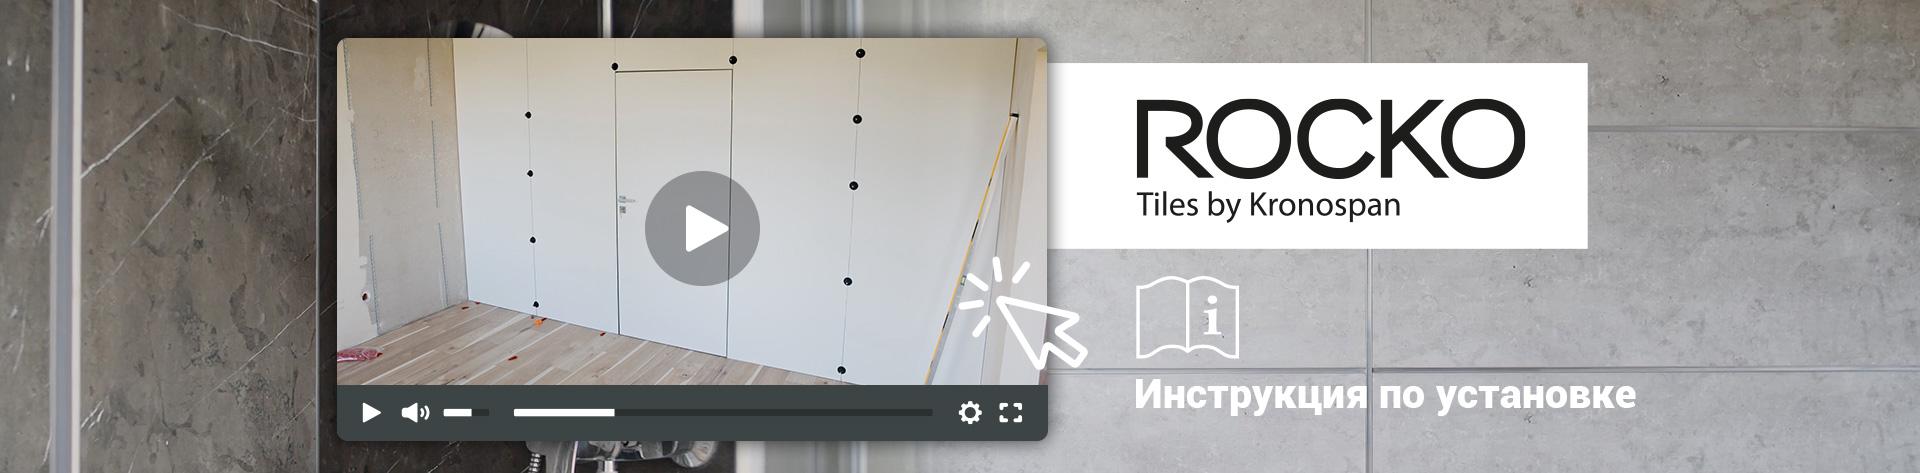 slider_tiles_install_ru.jpg